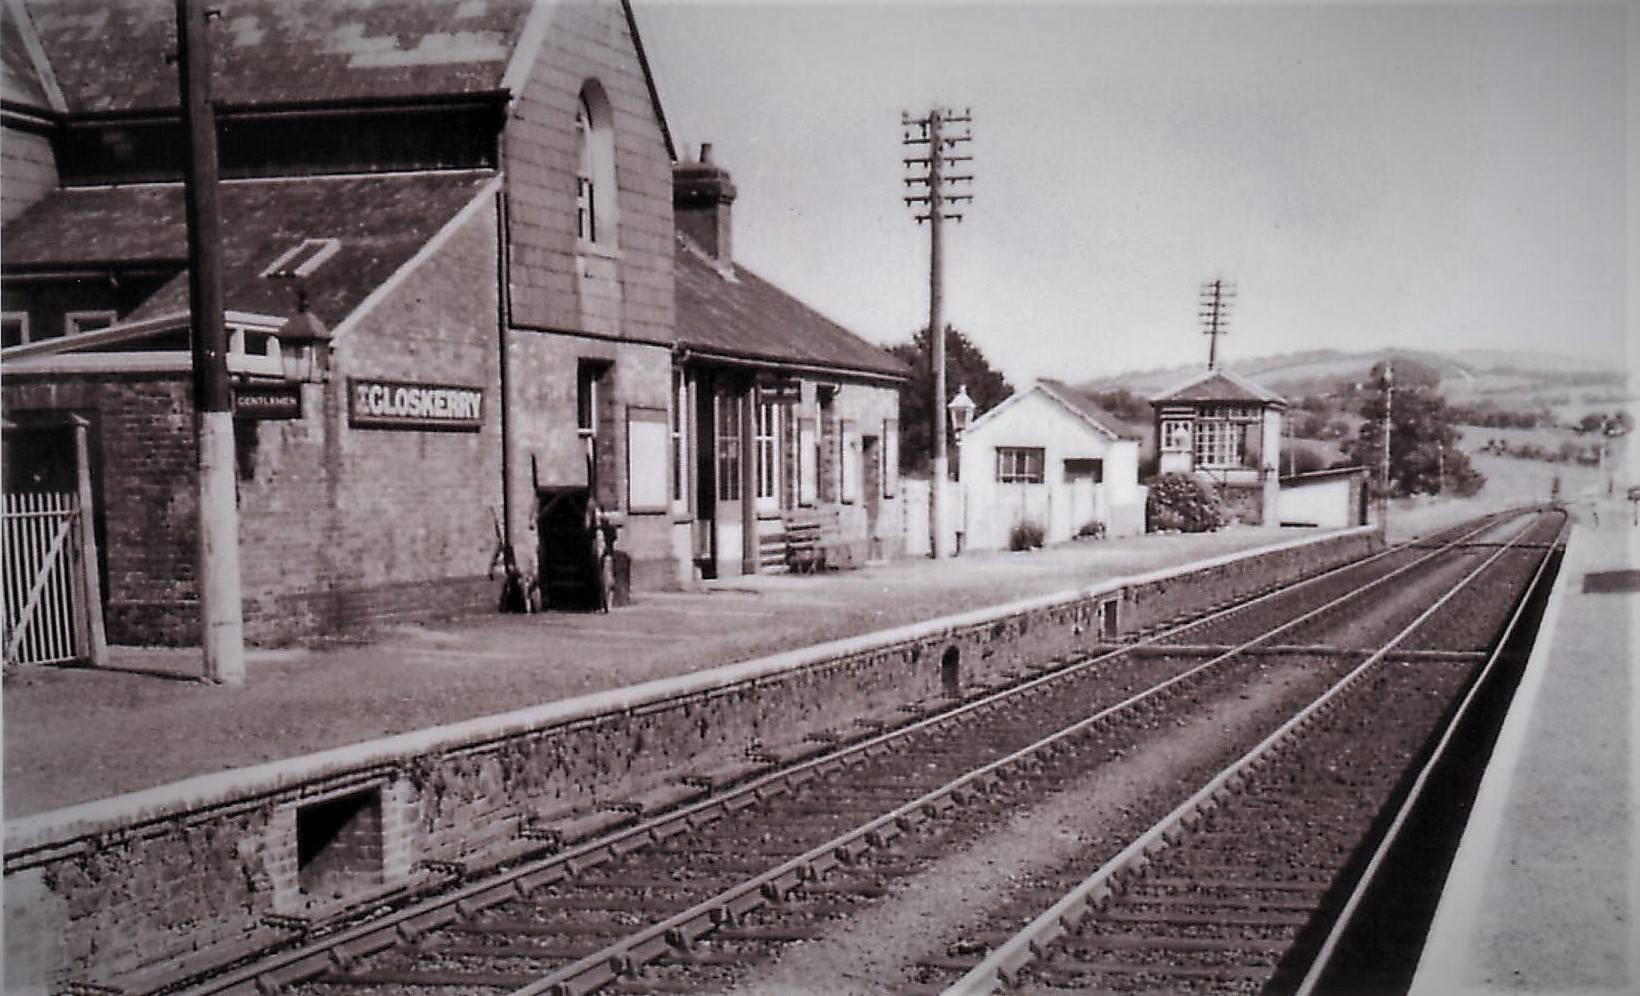 Egloskerry Station. Photo courtesy of Gary Lashbrook.